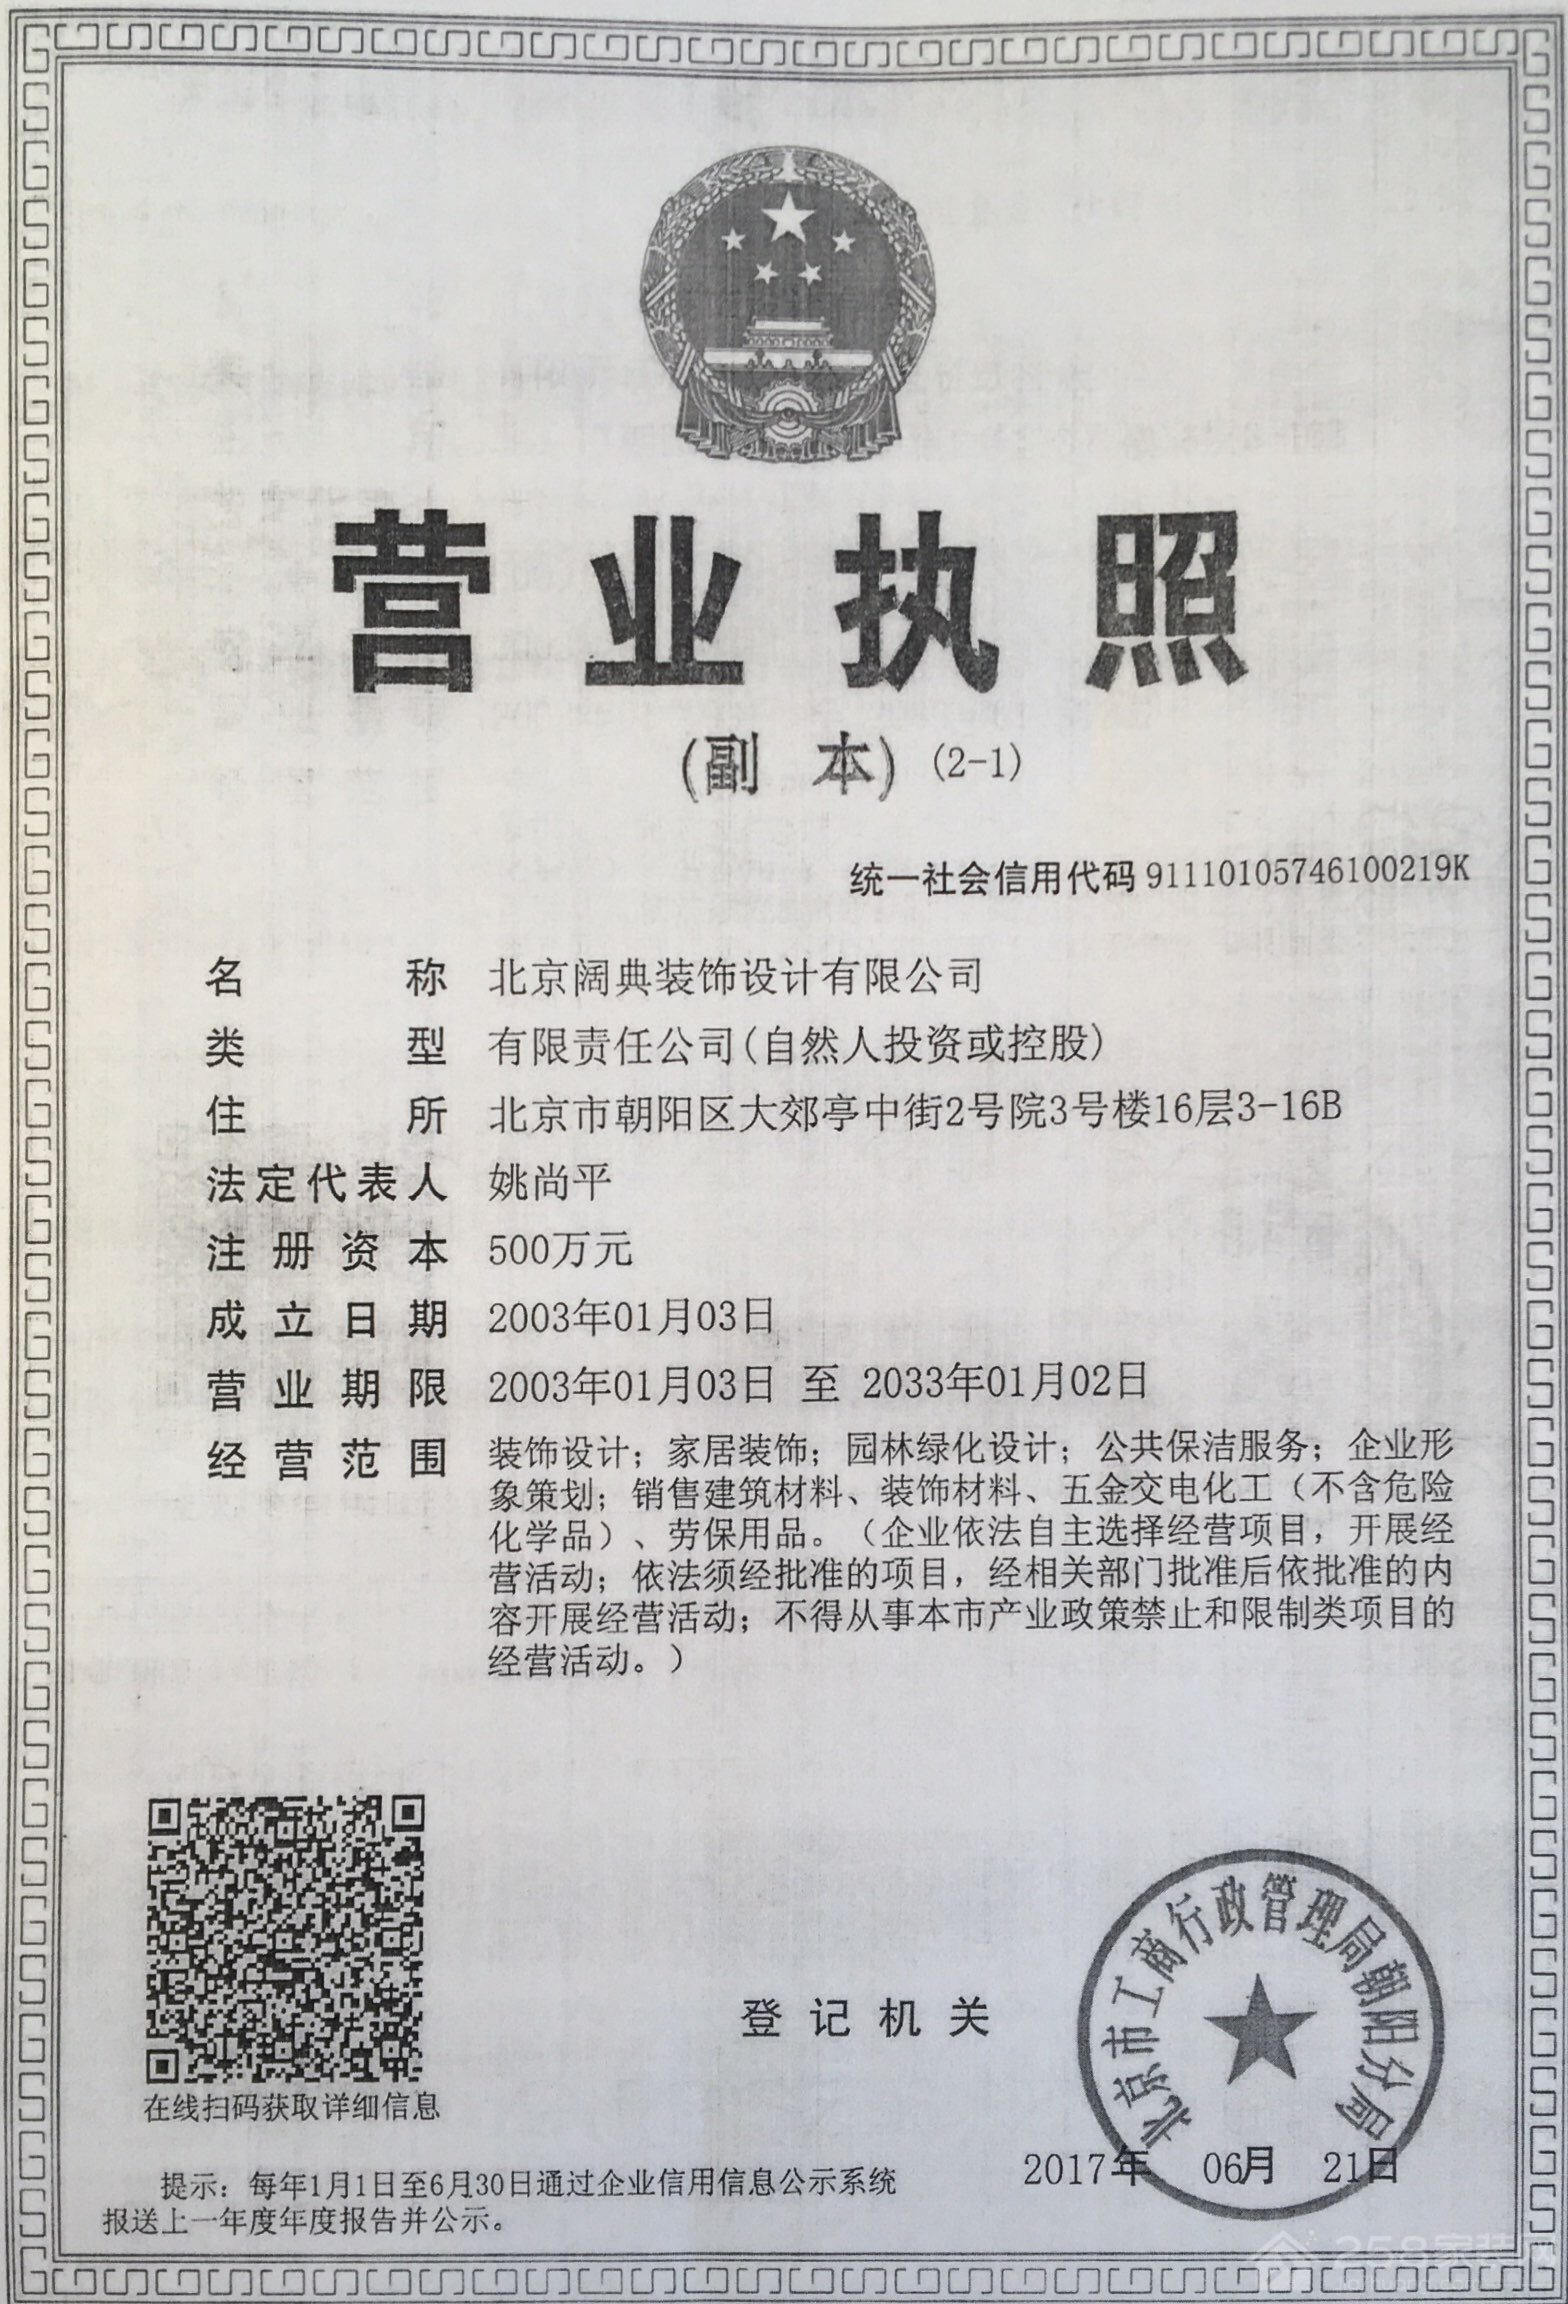 北京阔典装饰设计有限公司